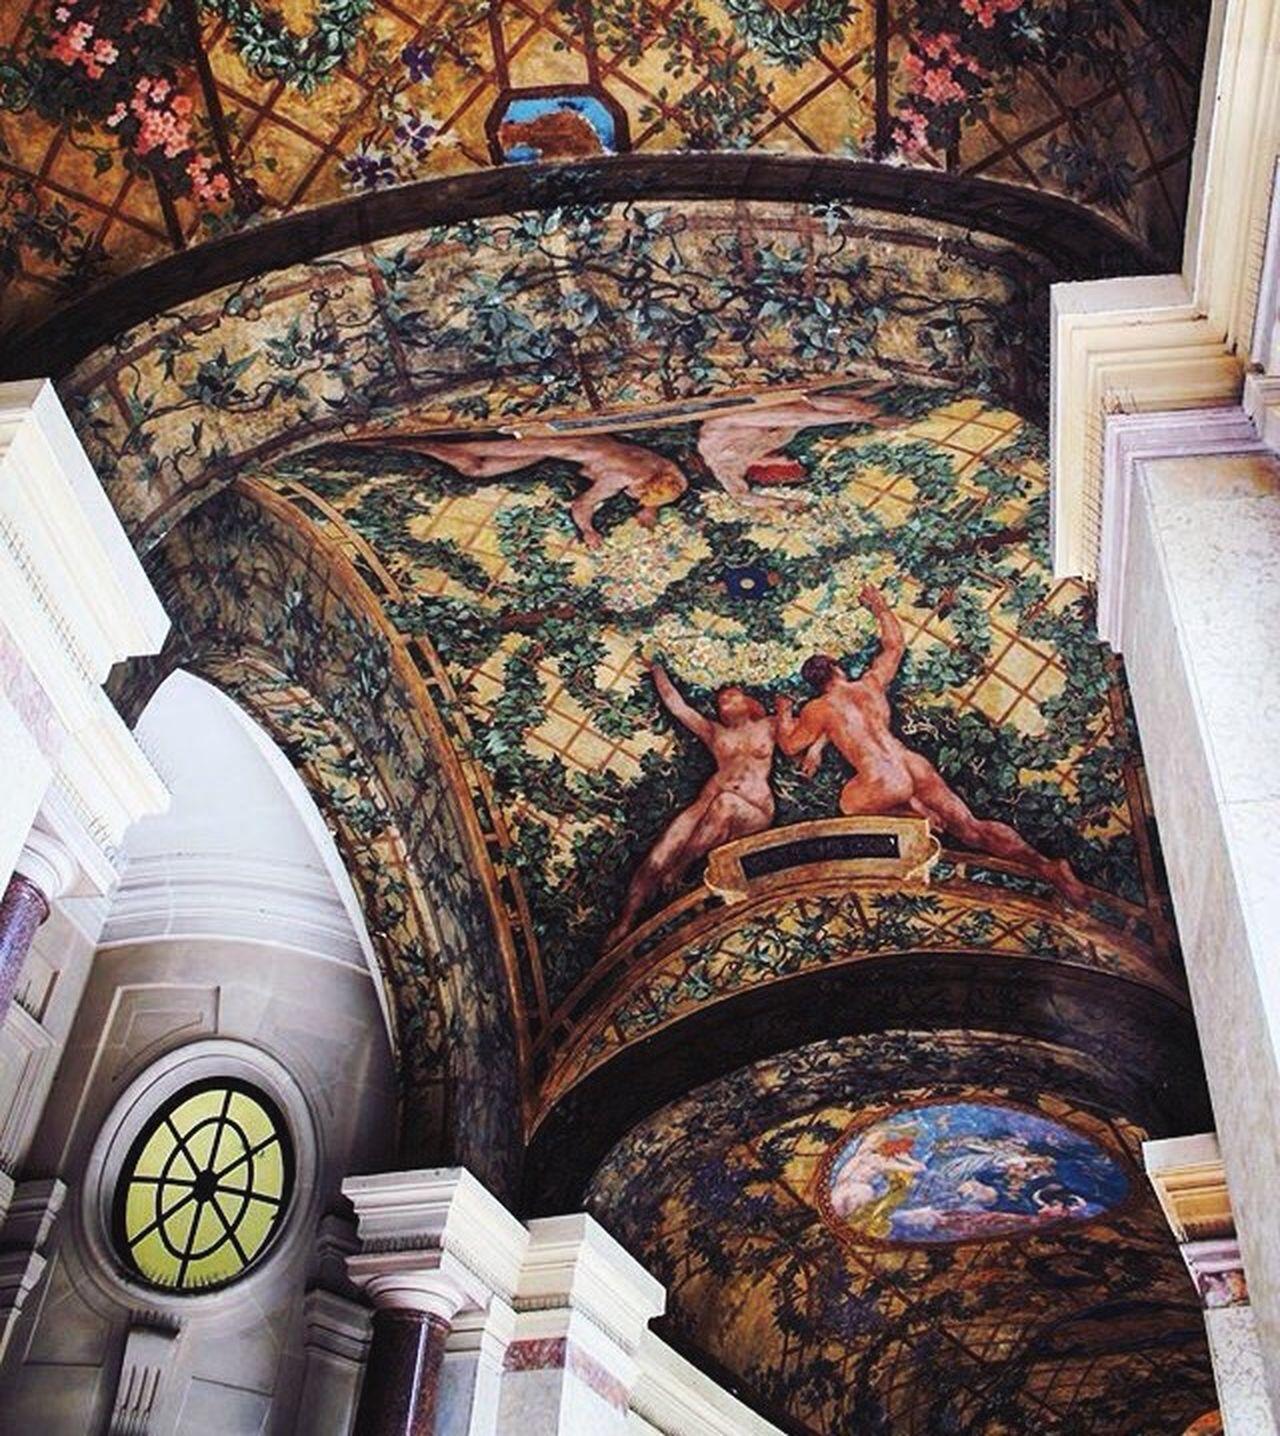 My Favorite Place Paris, France  Art ArtWork Love France Paris